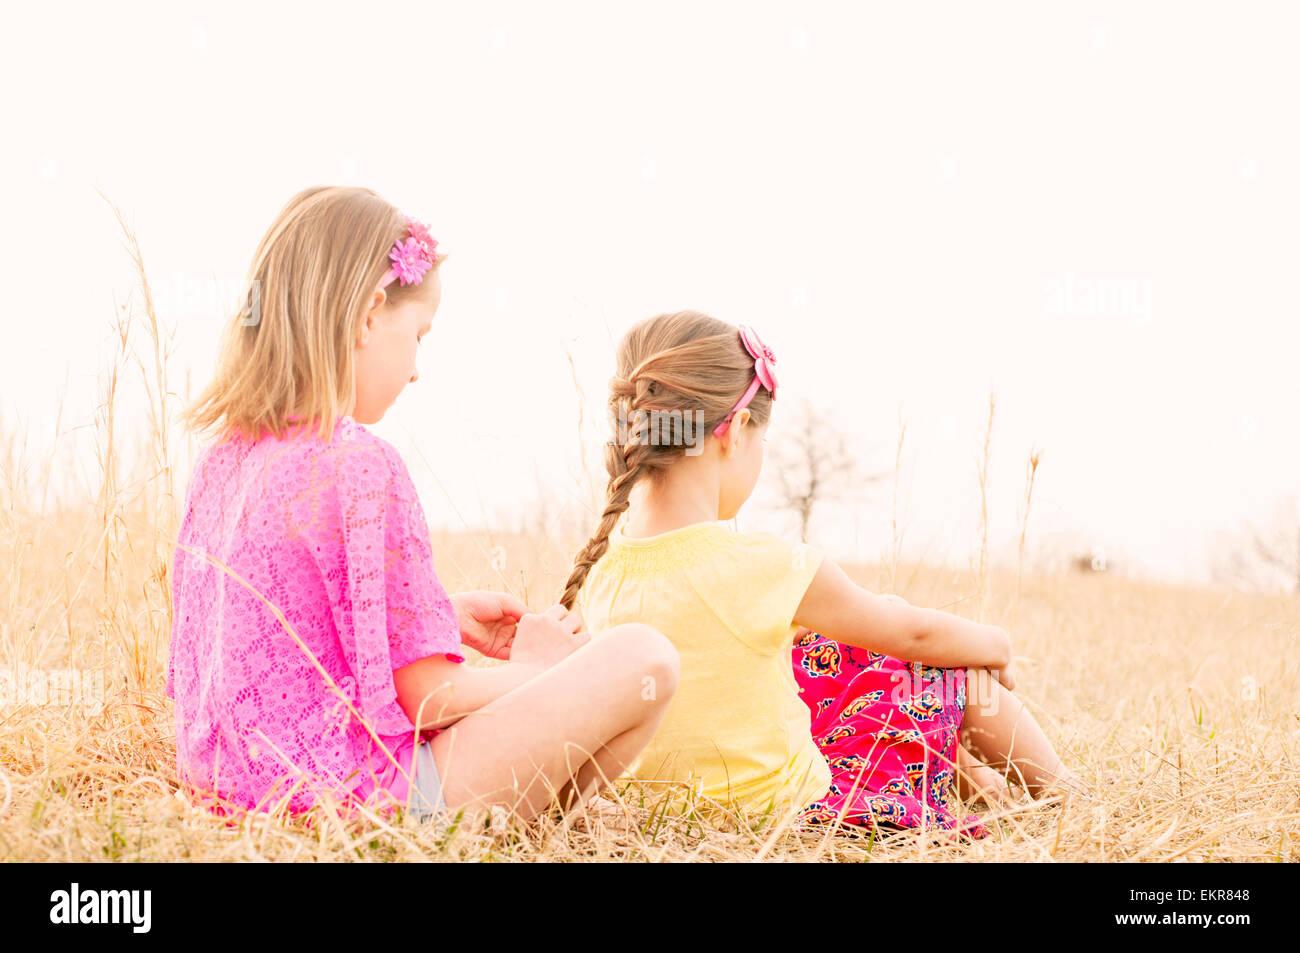 Les filles cheveux tressage à Meadow Photo Stock